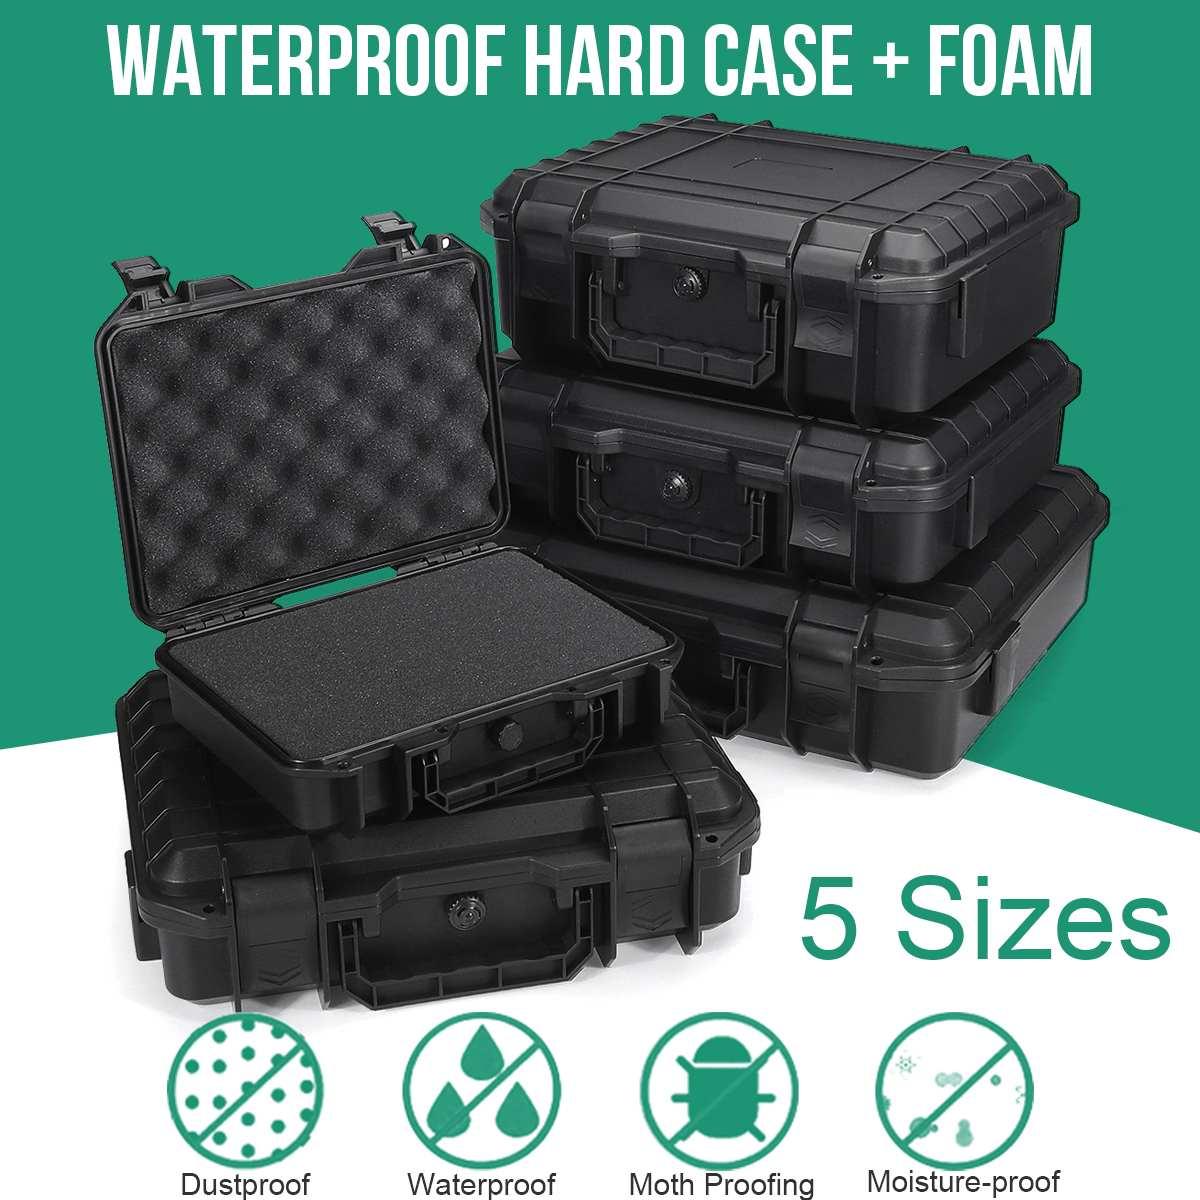 Защитный Безопасный инструмент, ящик для инструментов, водонепроницаемый ударопрочный ящик для хранения, герметичный чехол для инструмент... title=